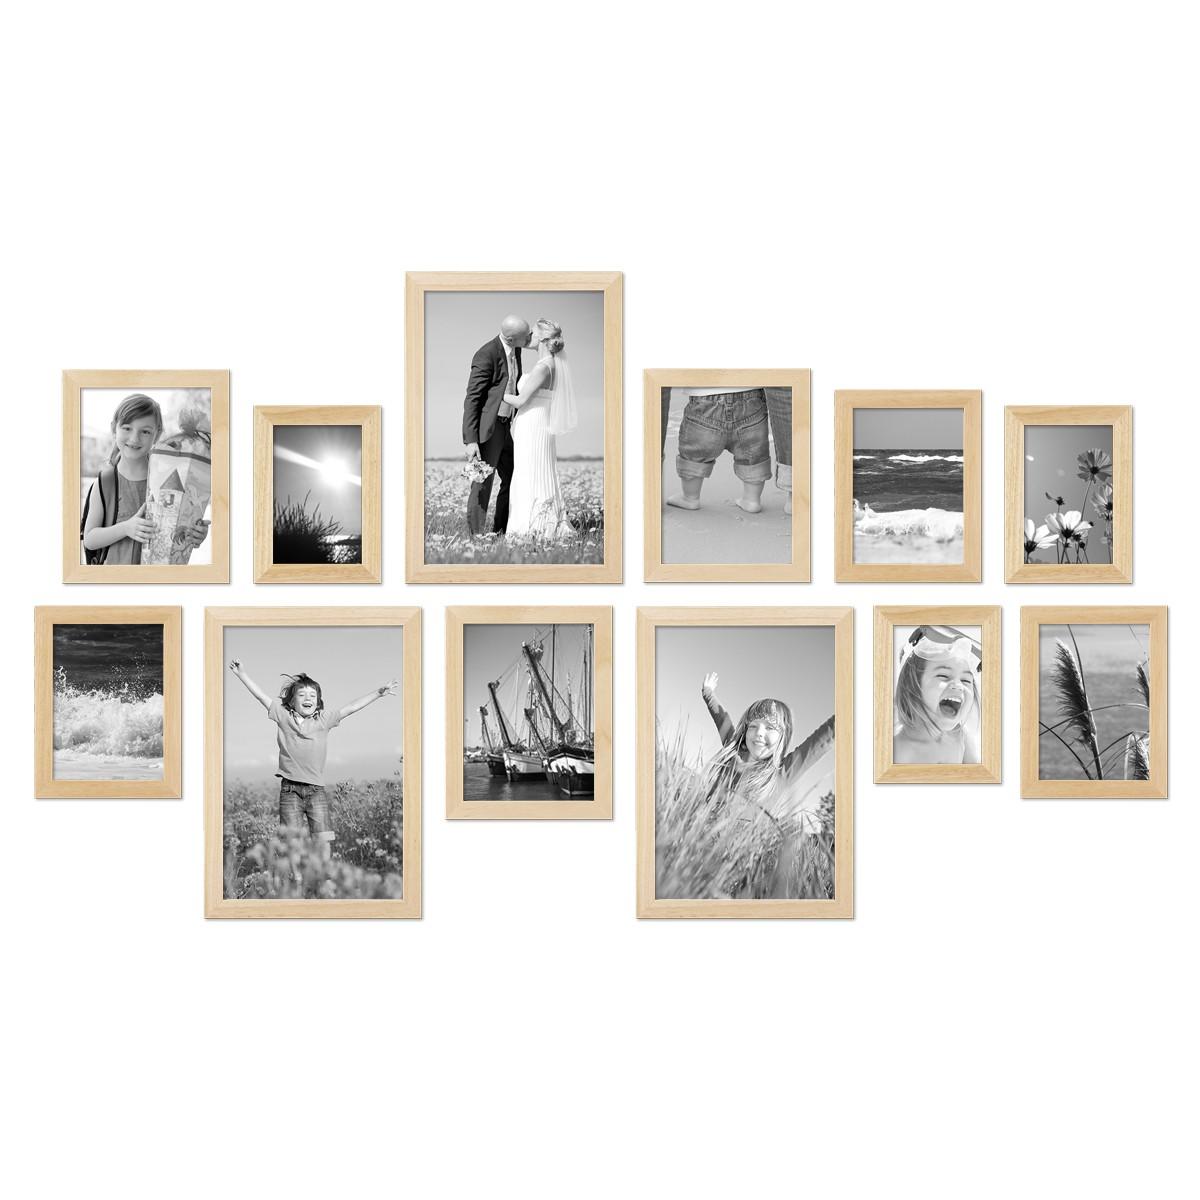 12er set bilderrahmen modern kiefer natur massivholz 10x15 - Bilderrahmen modern ...